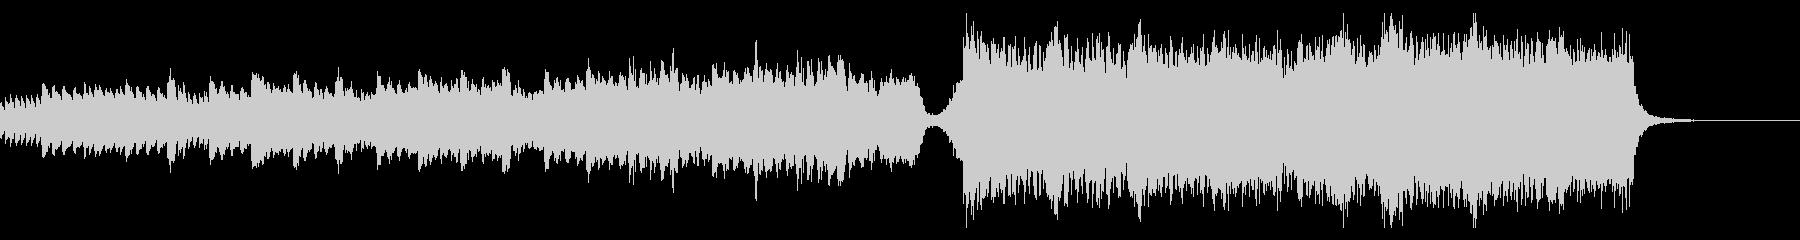 ピアノとストリングスの壮大なBGMの未再生の波形